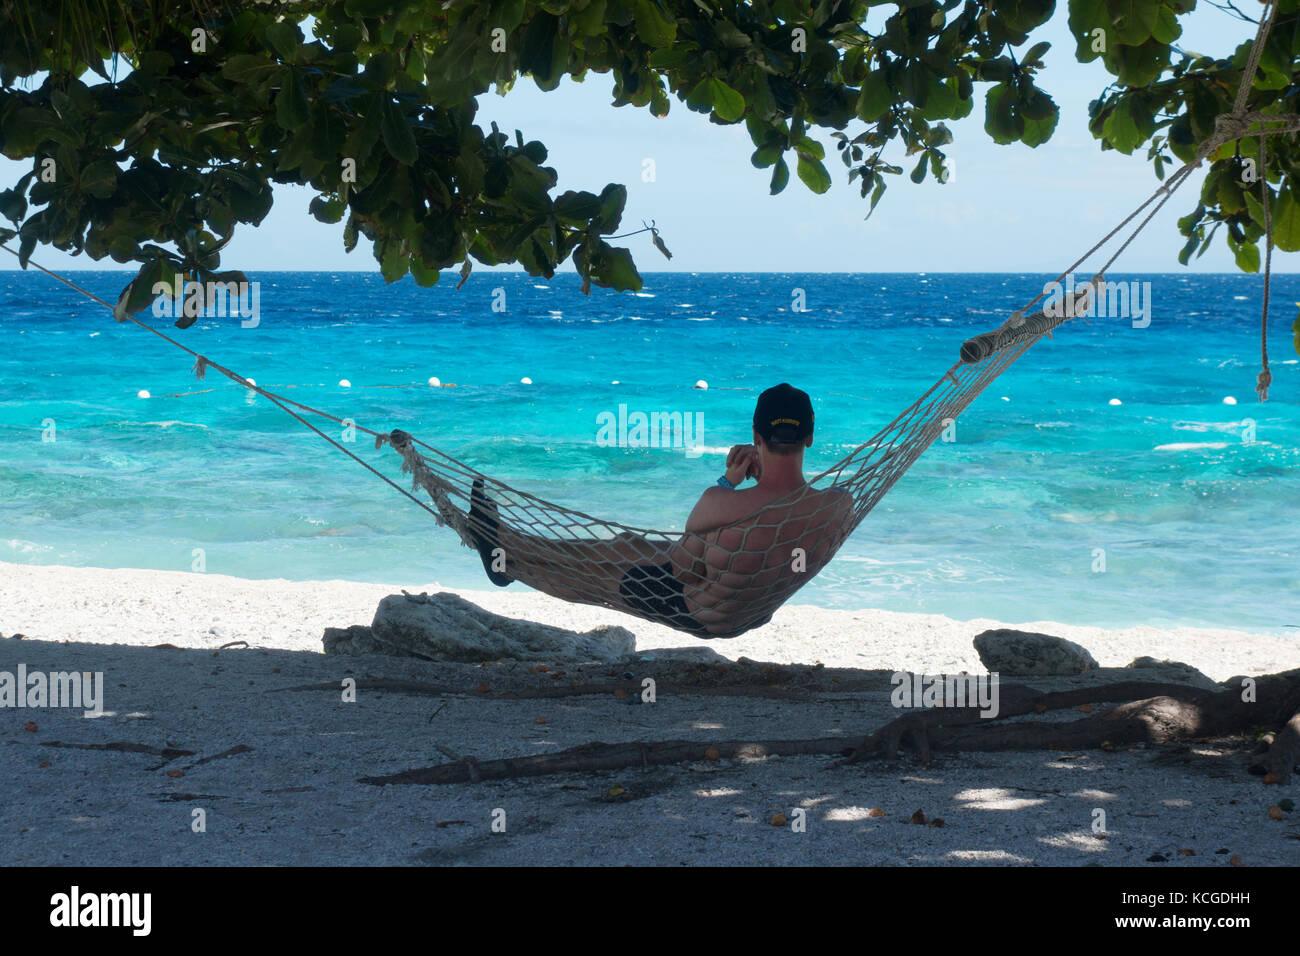 La playa de la isla de Cebú, Filipinas - un turista relajarse en una hamaca en vacaciones, Cebu, Filipinas, Imagen De Stock